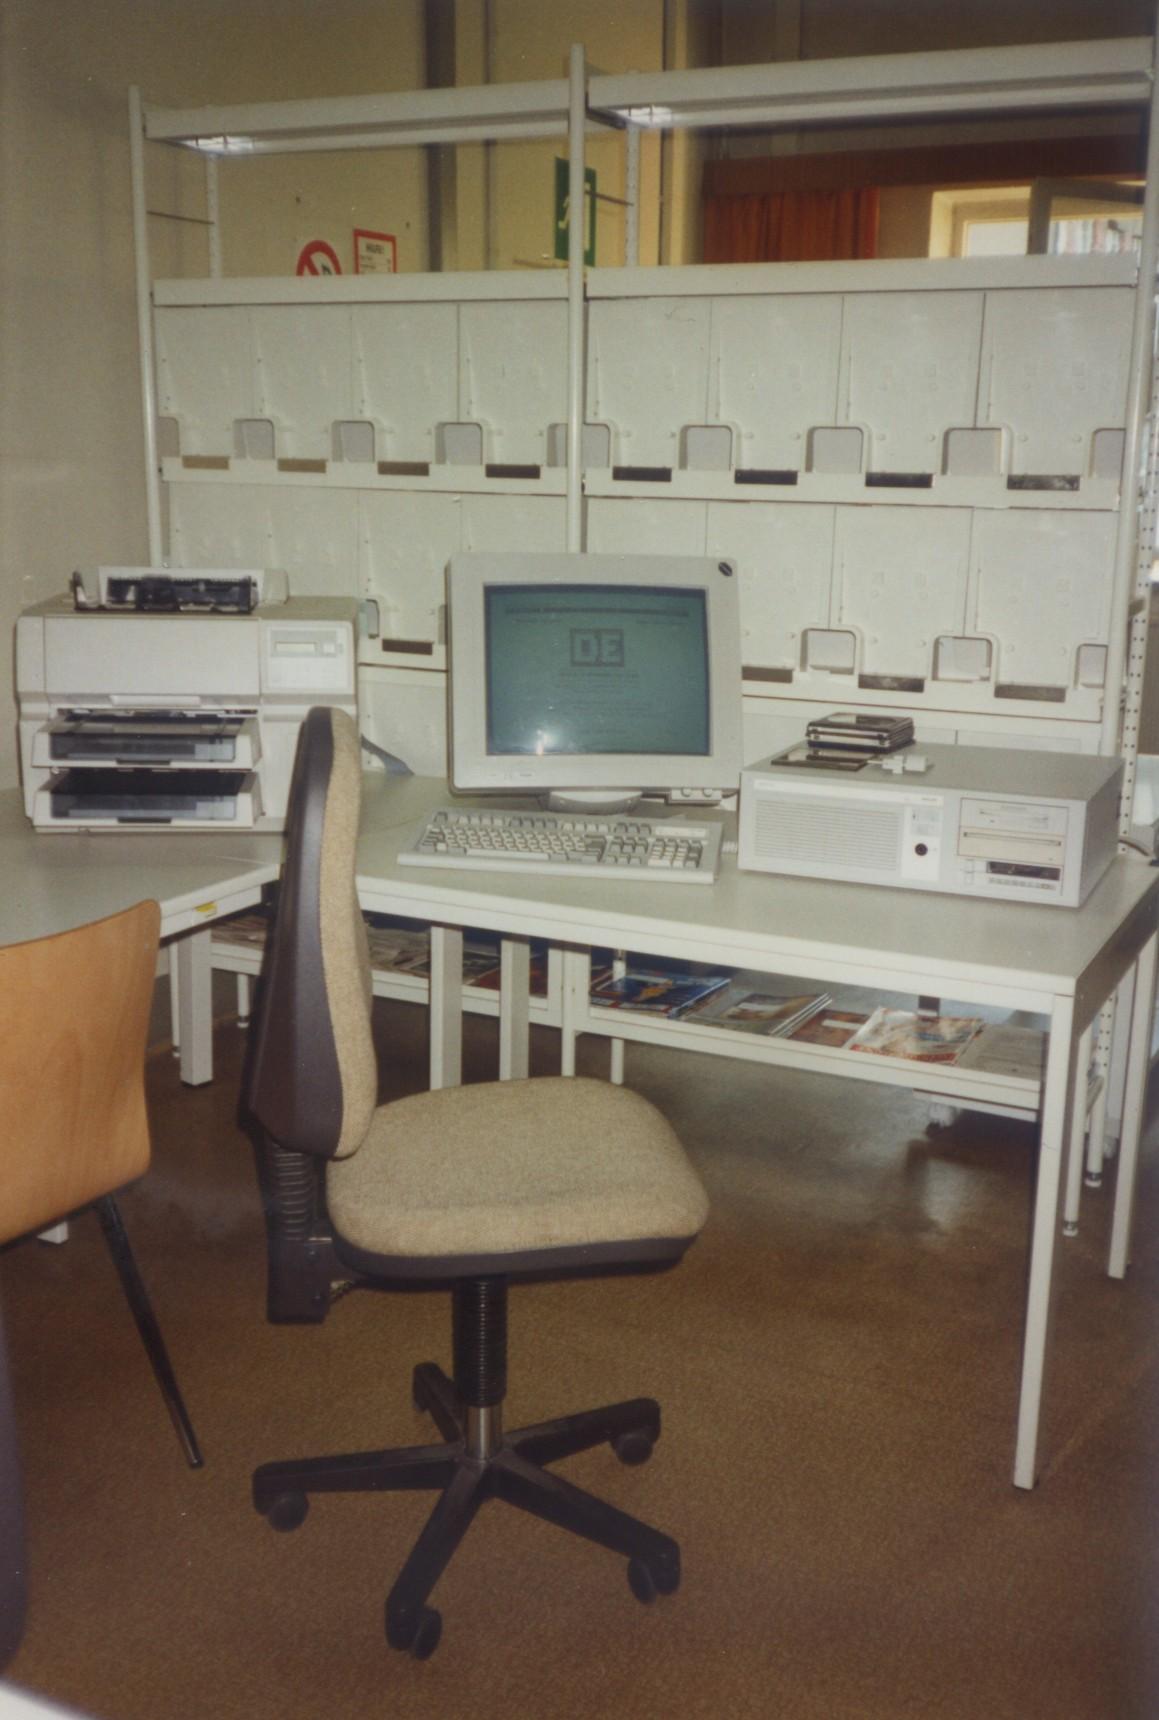 Foto: Der erste Computer im Patentinformationszentrum 1994 © Patentinformationszentrum